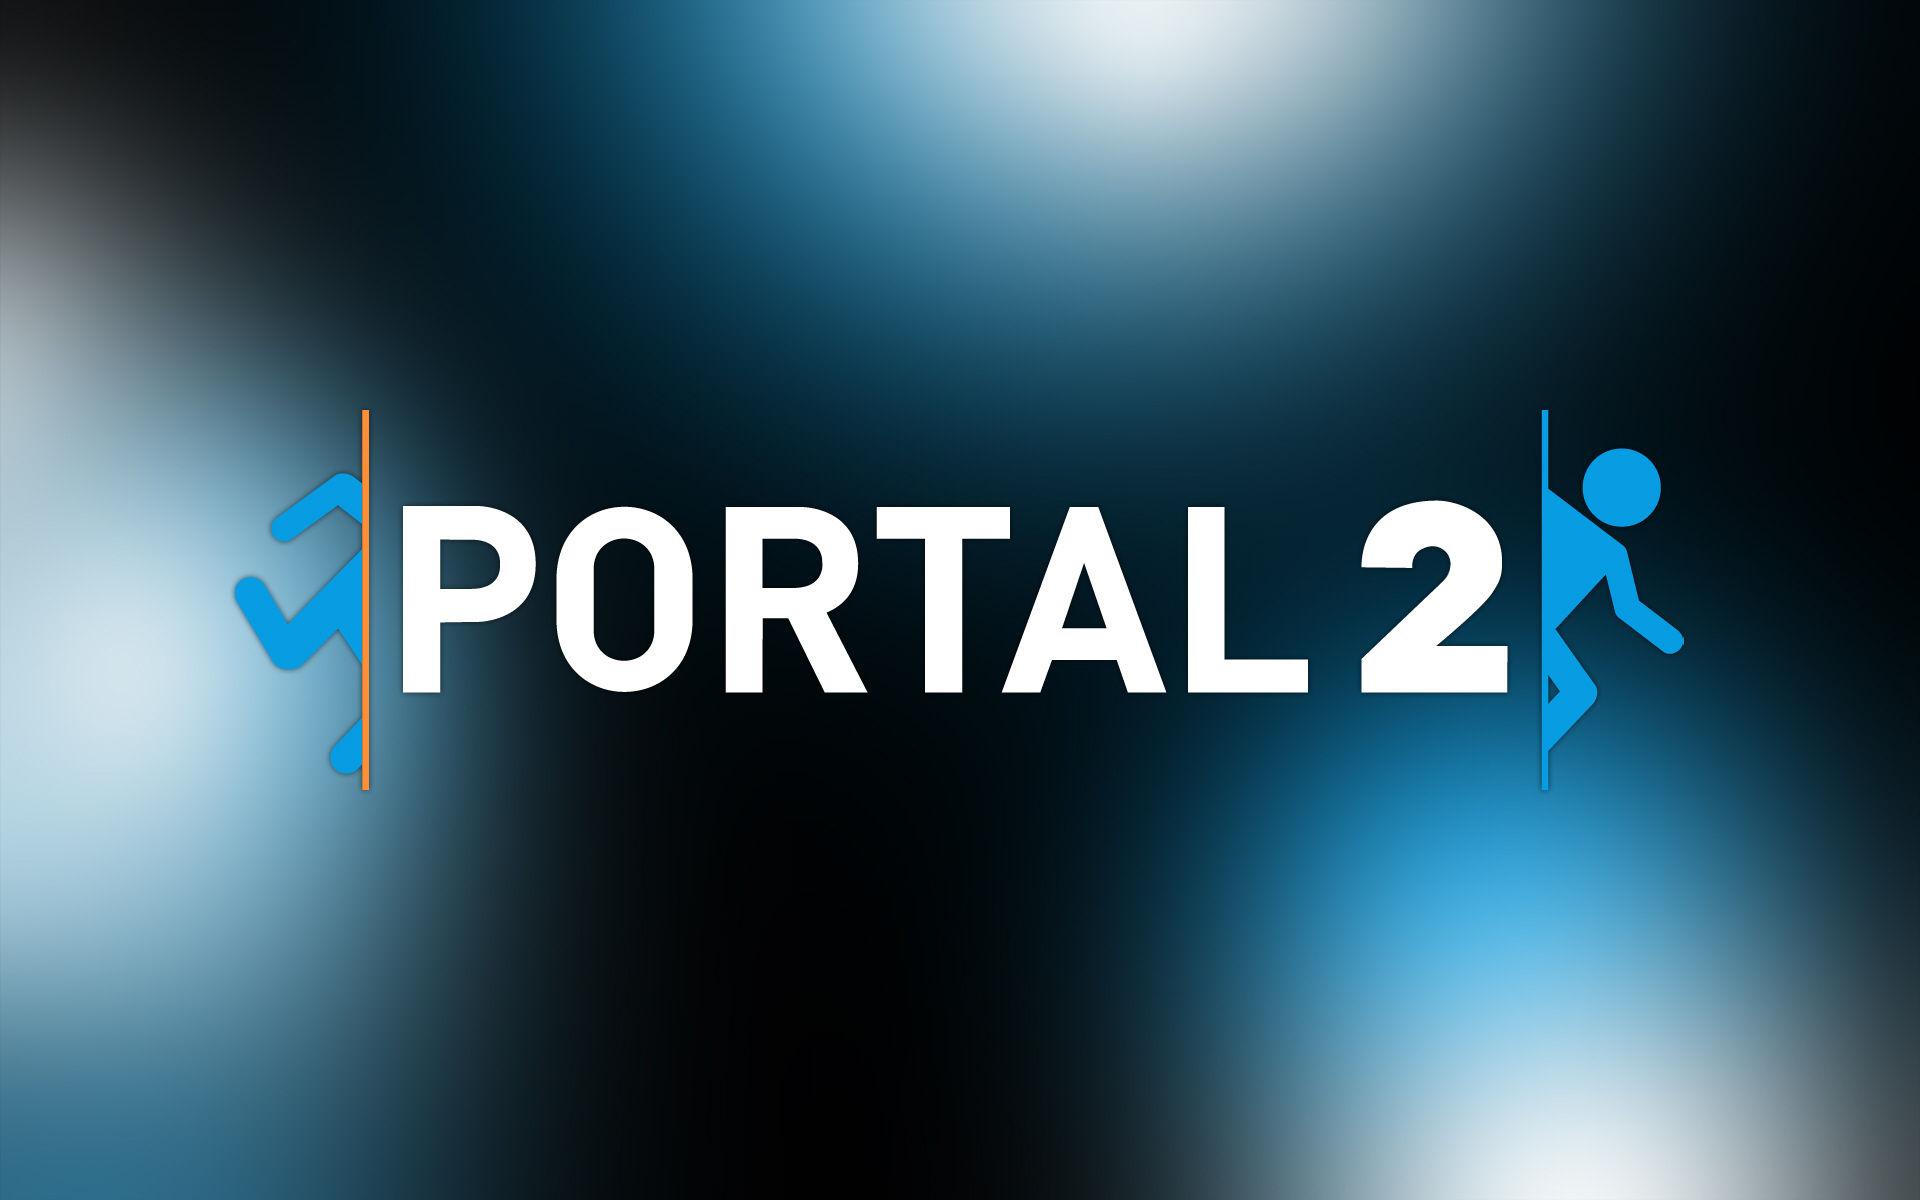 1920x1200-portal2-2